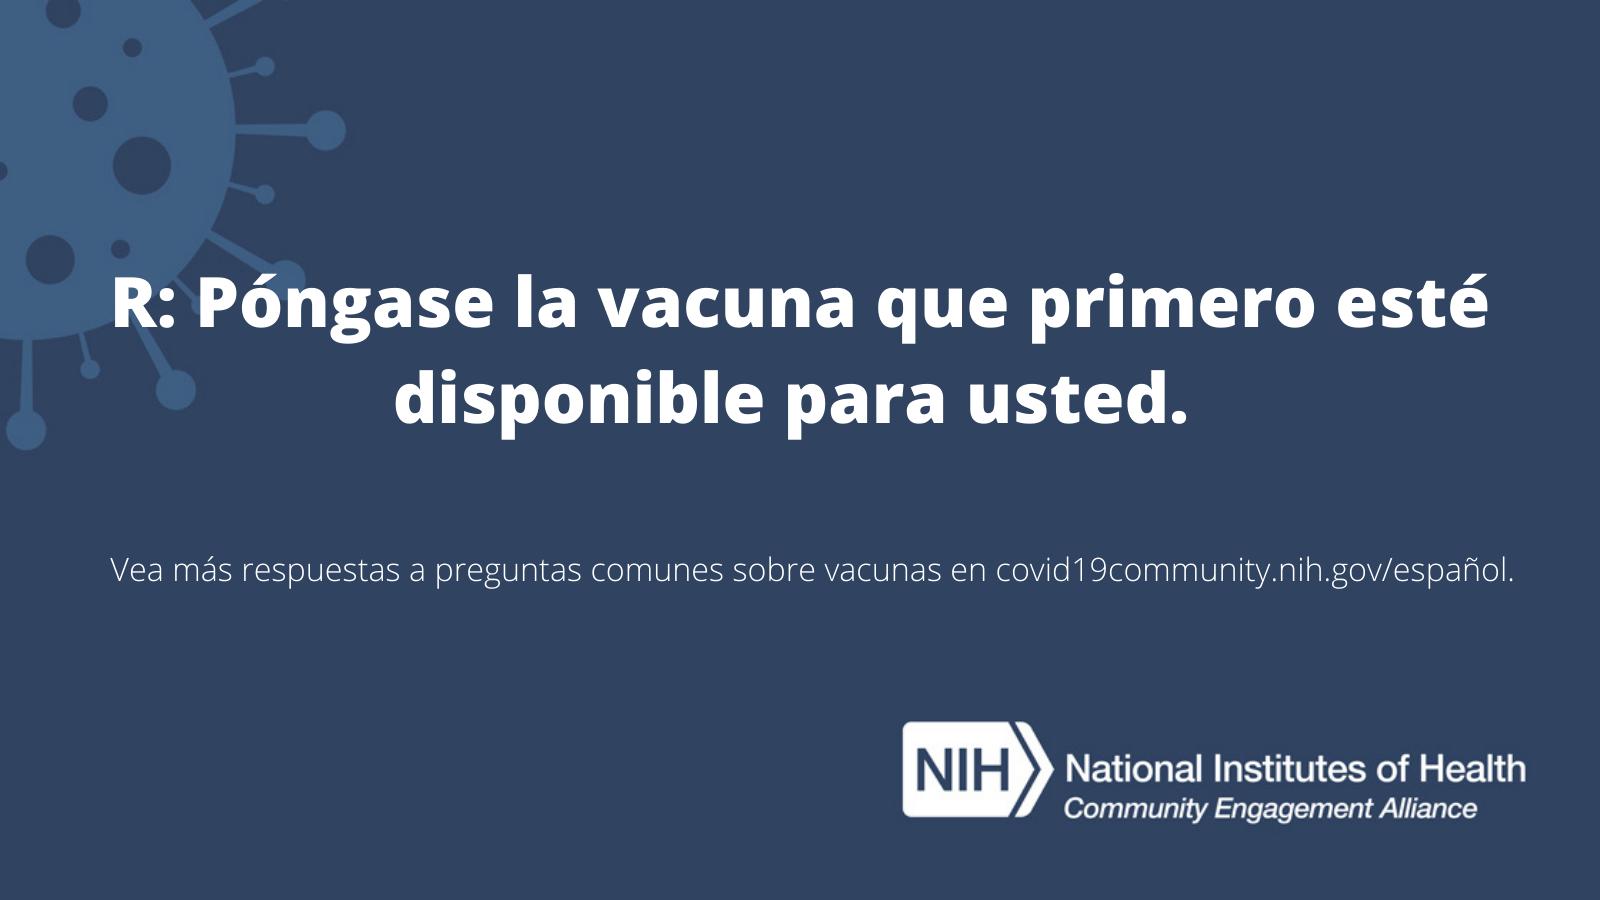 R: Póngase la vacuna que primero esté disponible para usted.